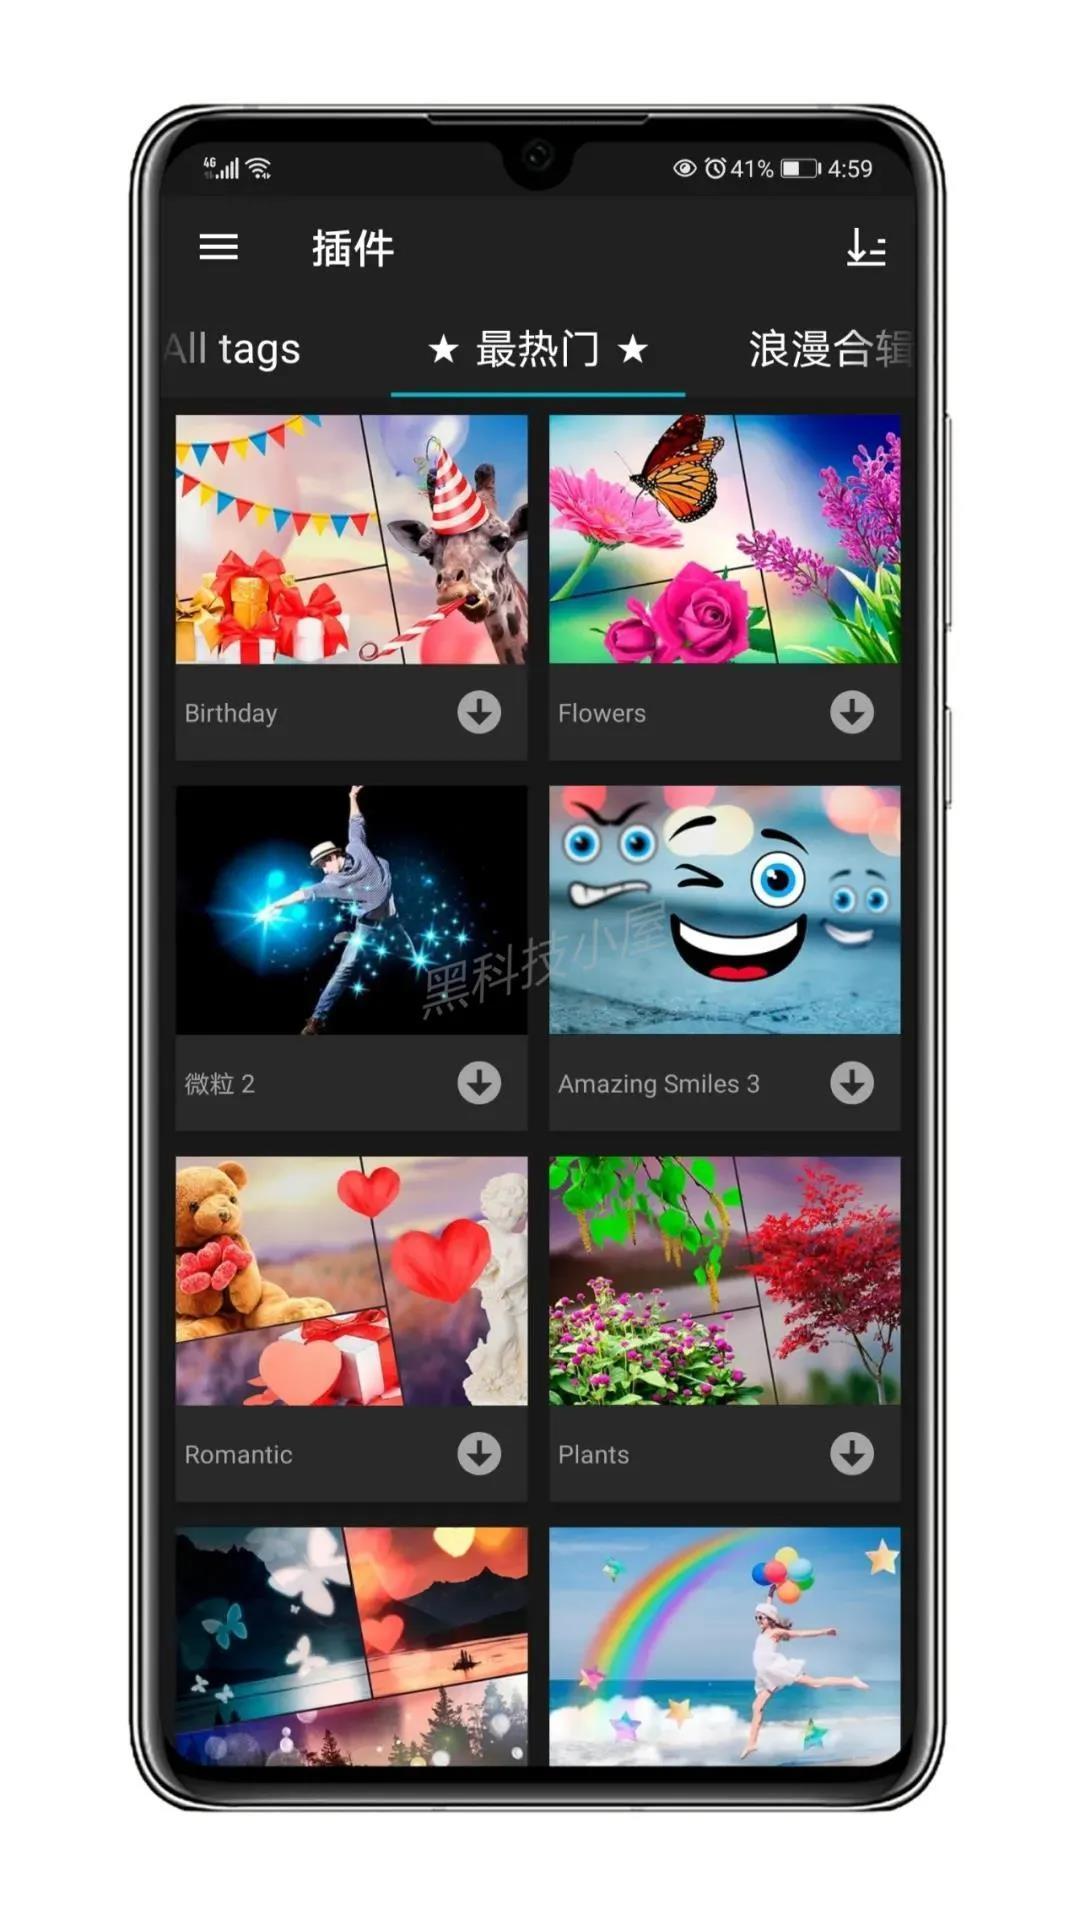 60d2e76f844ef46bb27fa6b3 专业影楼级别视频编辑软件--Photo Studio PRO